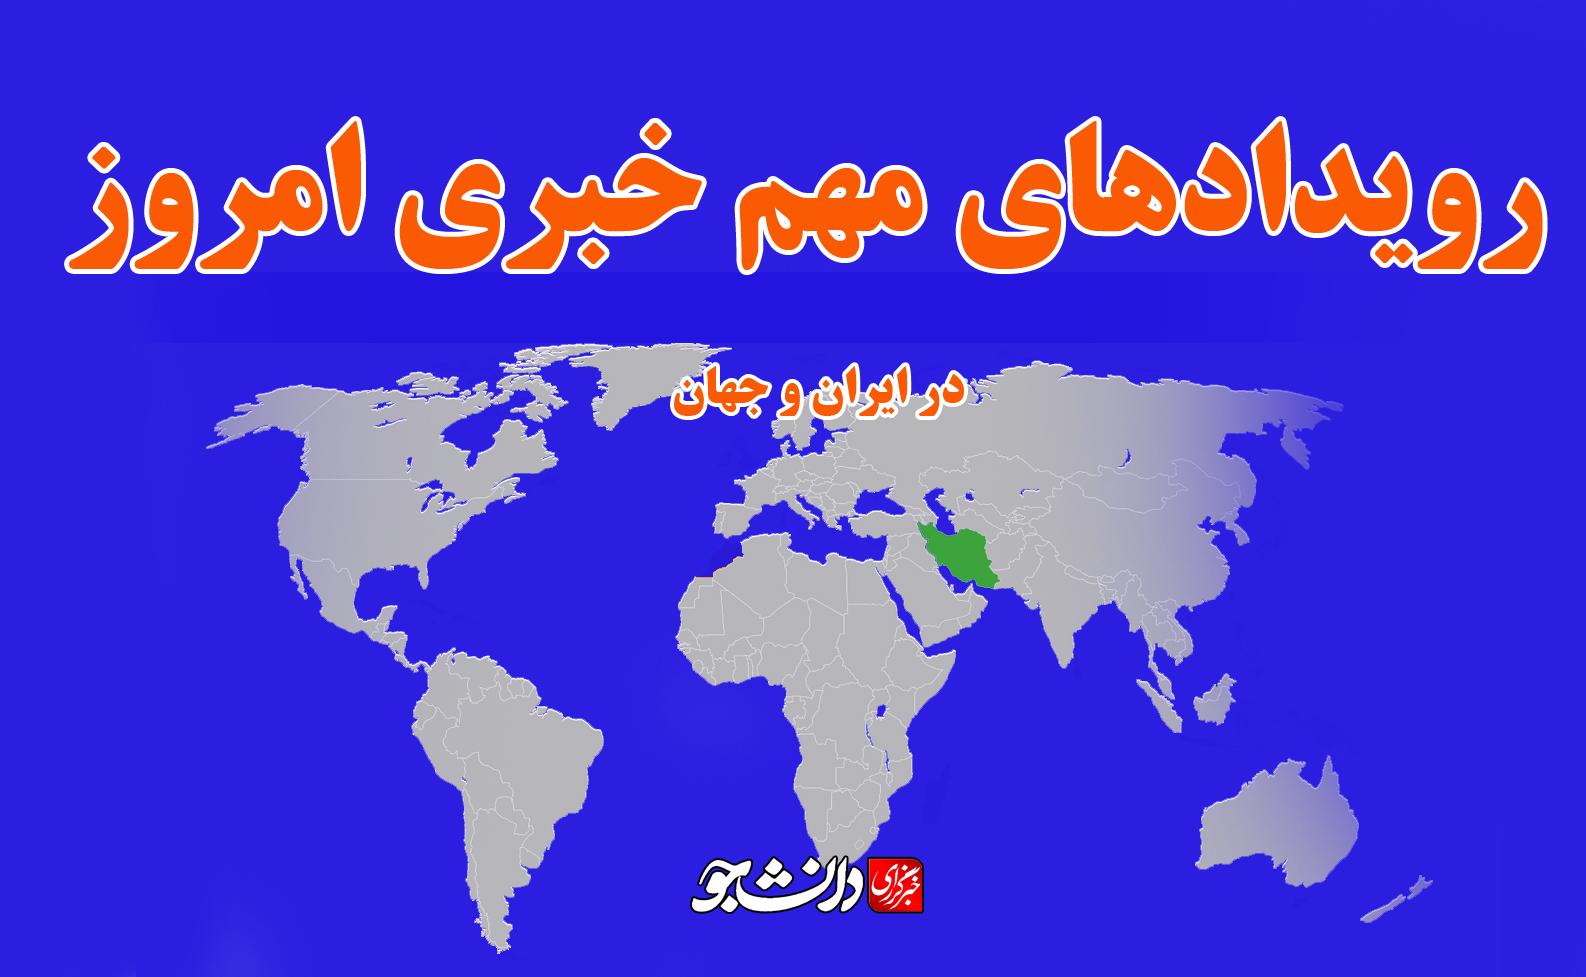 مهم ترین رویداد های خبری امروز ایران و جهان